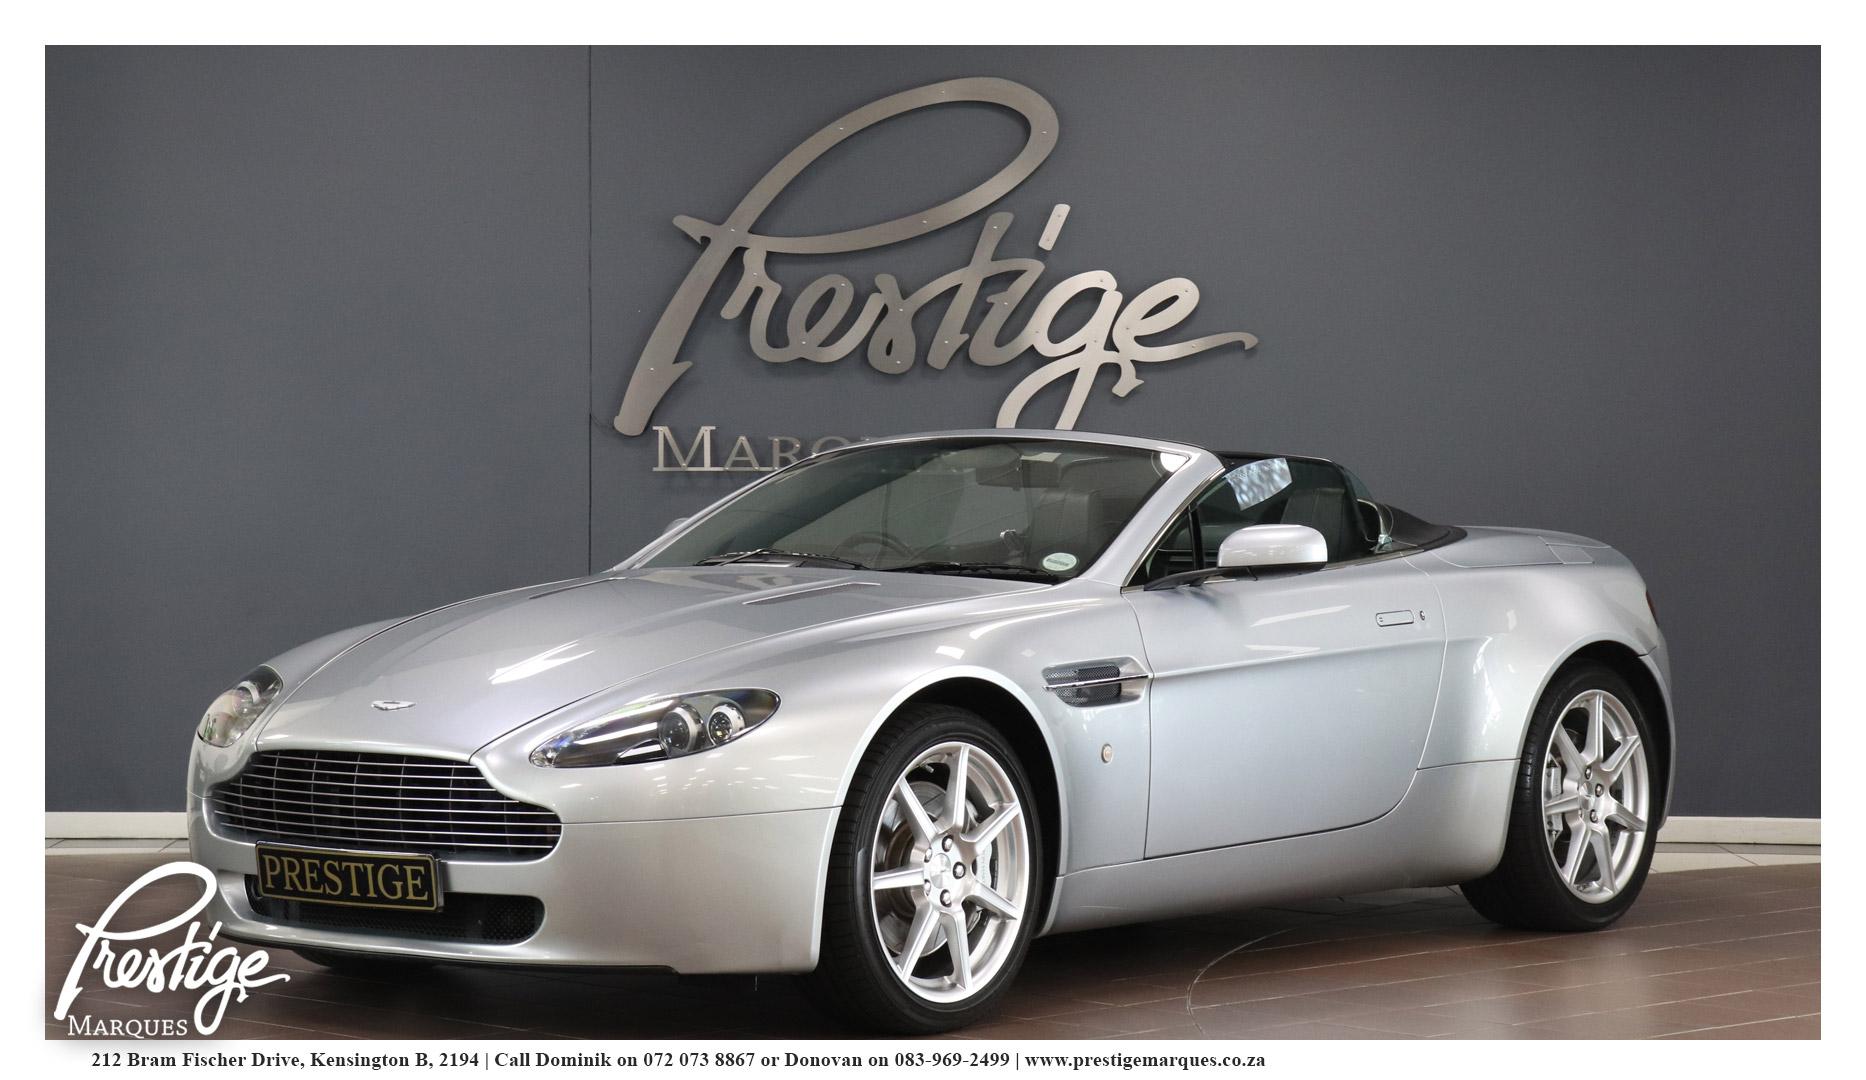 Aston-Martin-V8-Vantage-Convertible-Auto-Prestige-Marques-Sandton-13